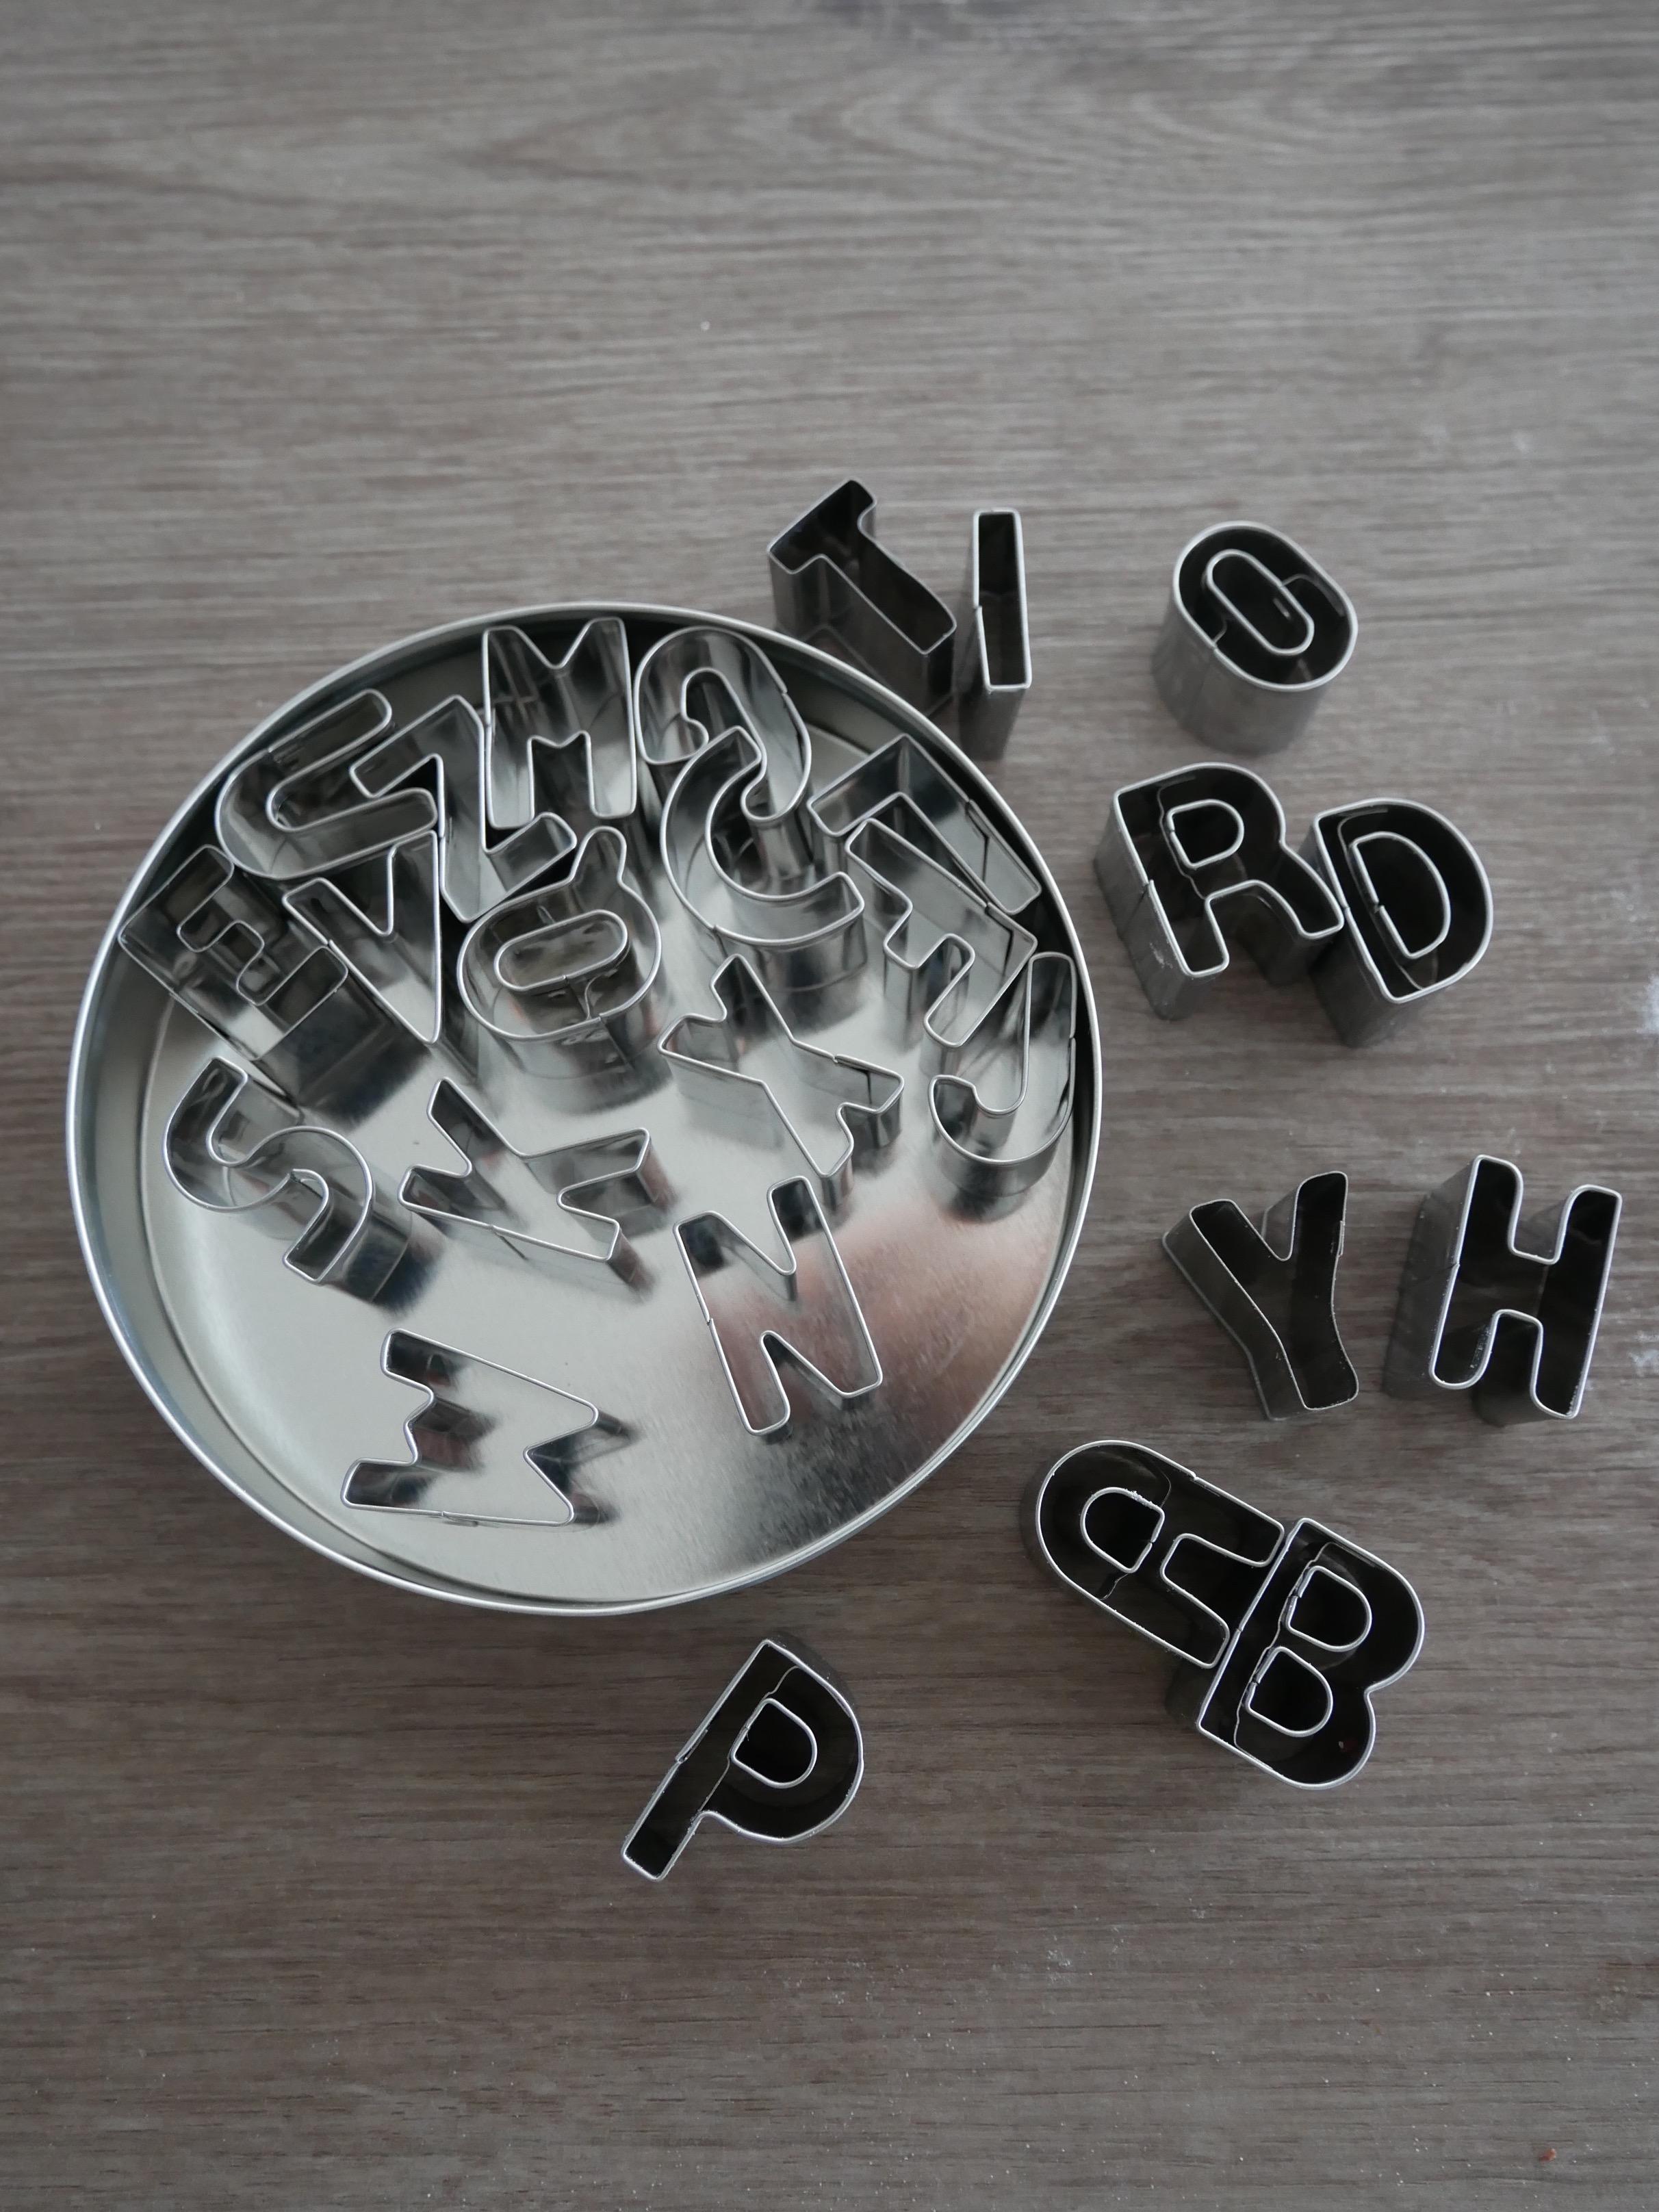 J'ai testé pour vous set de 26 emporte-pièces alphabet en inox 2,5cm Ref : 10121242